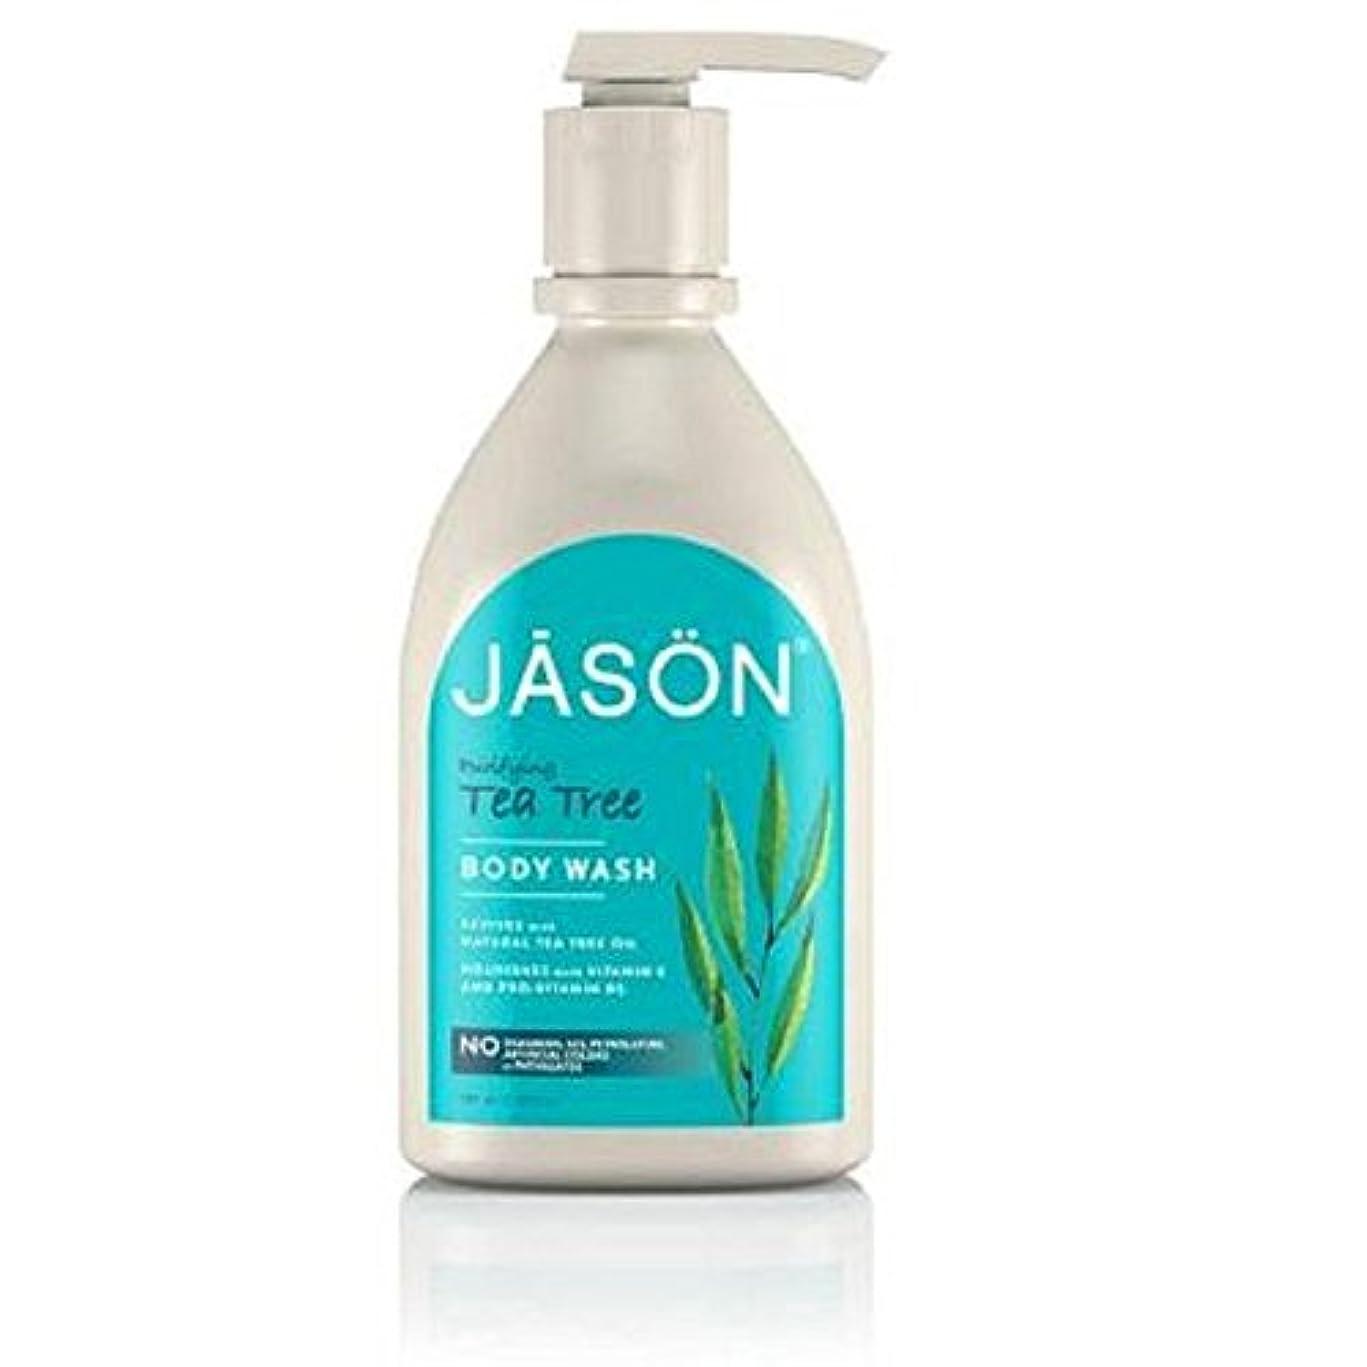 終わったもし不屈Jason Tea Tree Satin Body Wash Pump 900ml - ジェイソン?ティーツリーサテンボディウォッシュポンプ900ミリリットル [並行輸入品]